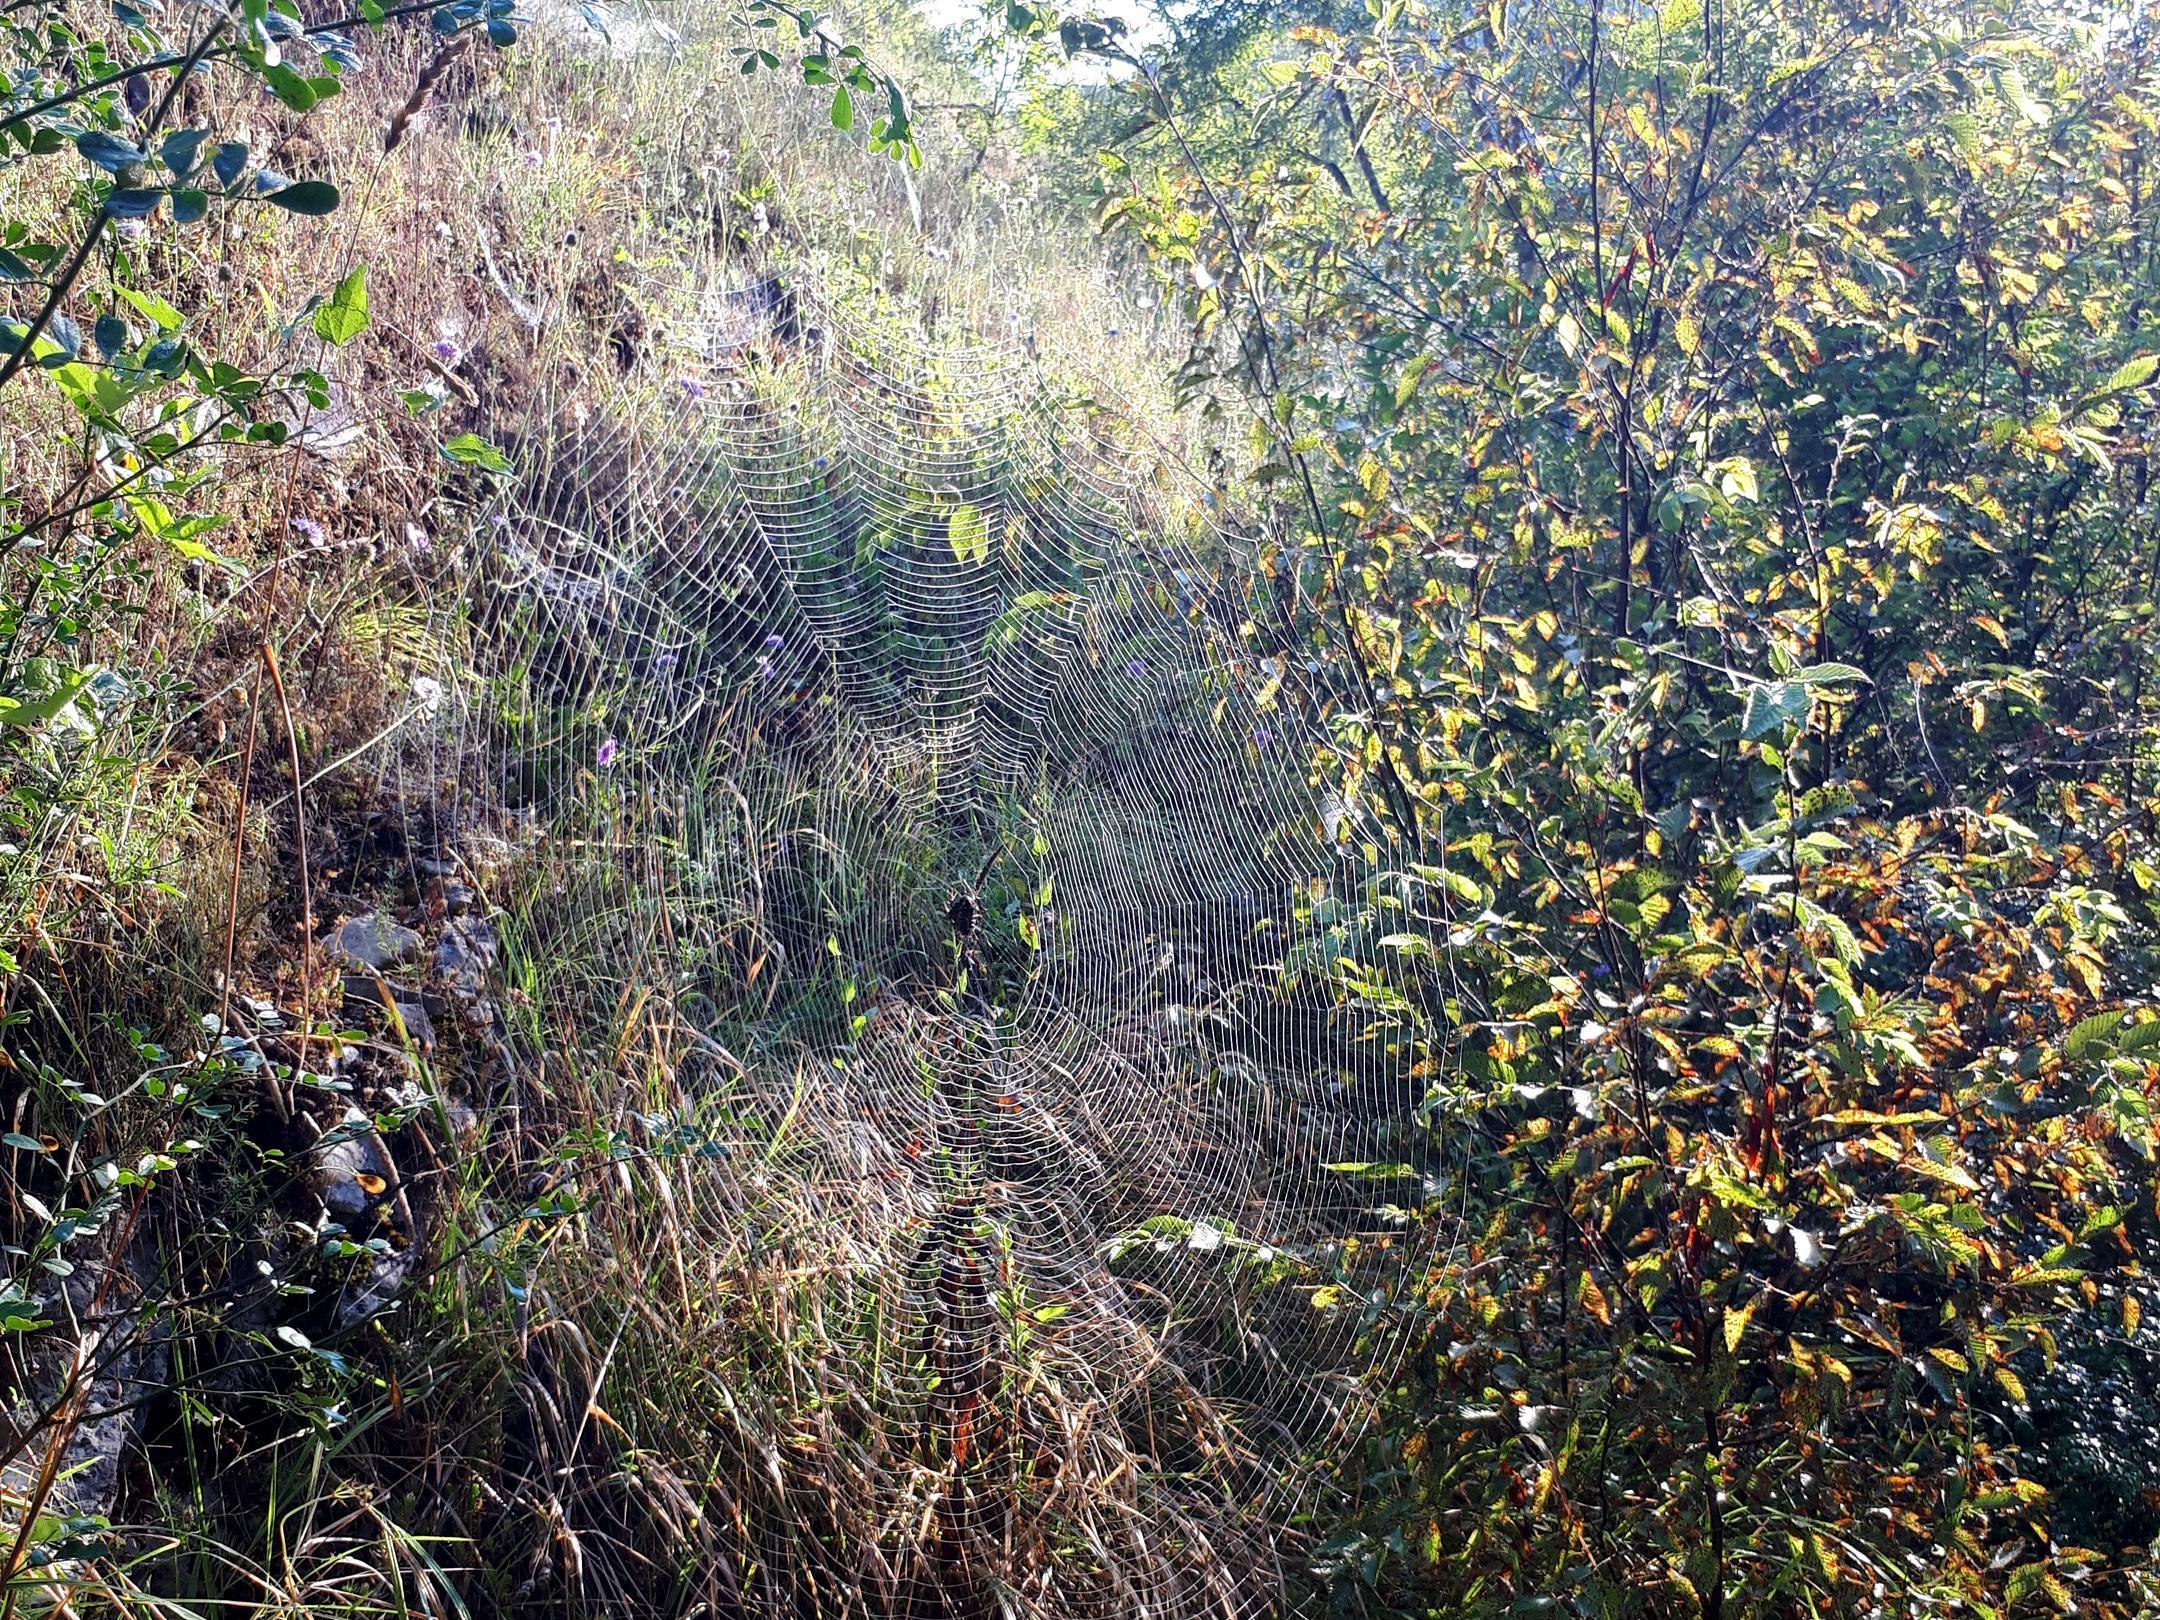 esemplare di ragno gigante nelle gole dell'Orfento: le ragnatele sono dei veri capolavori!